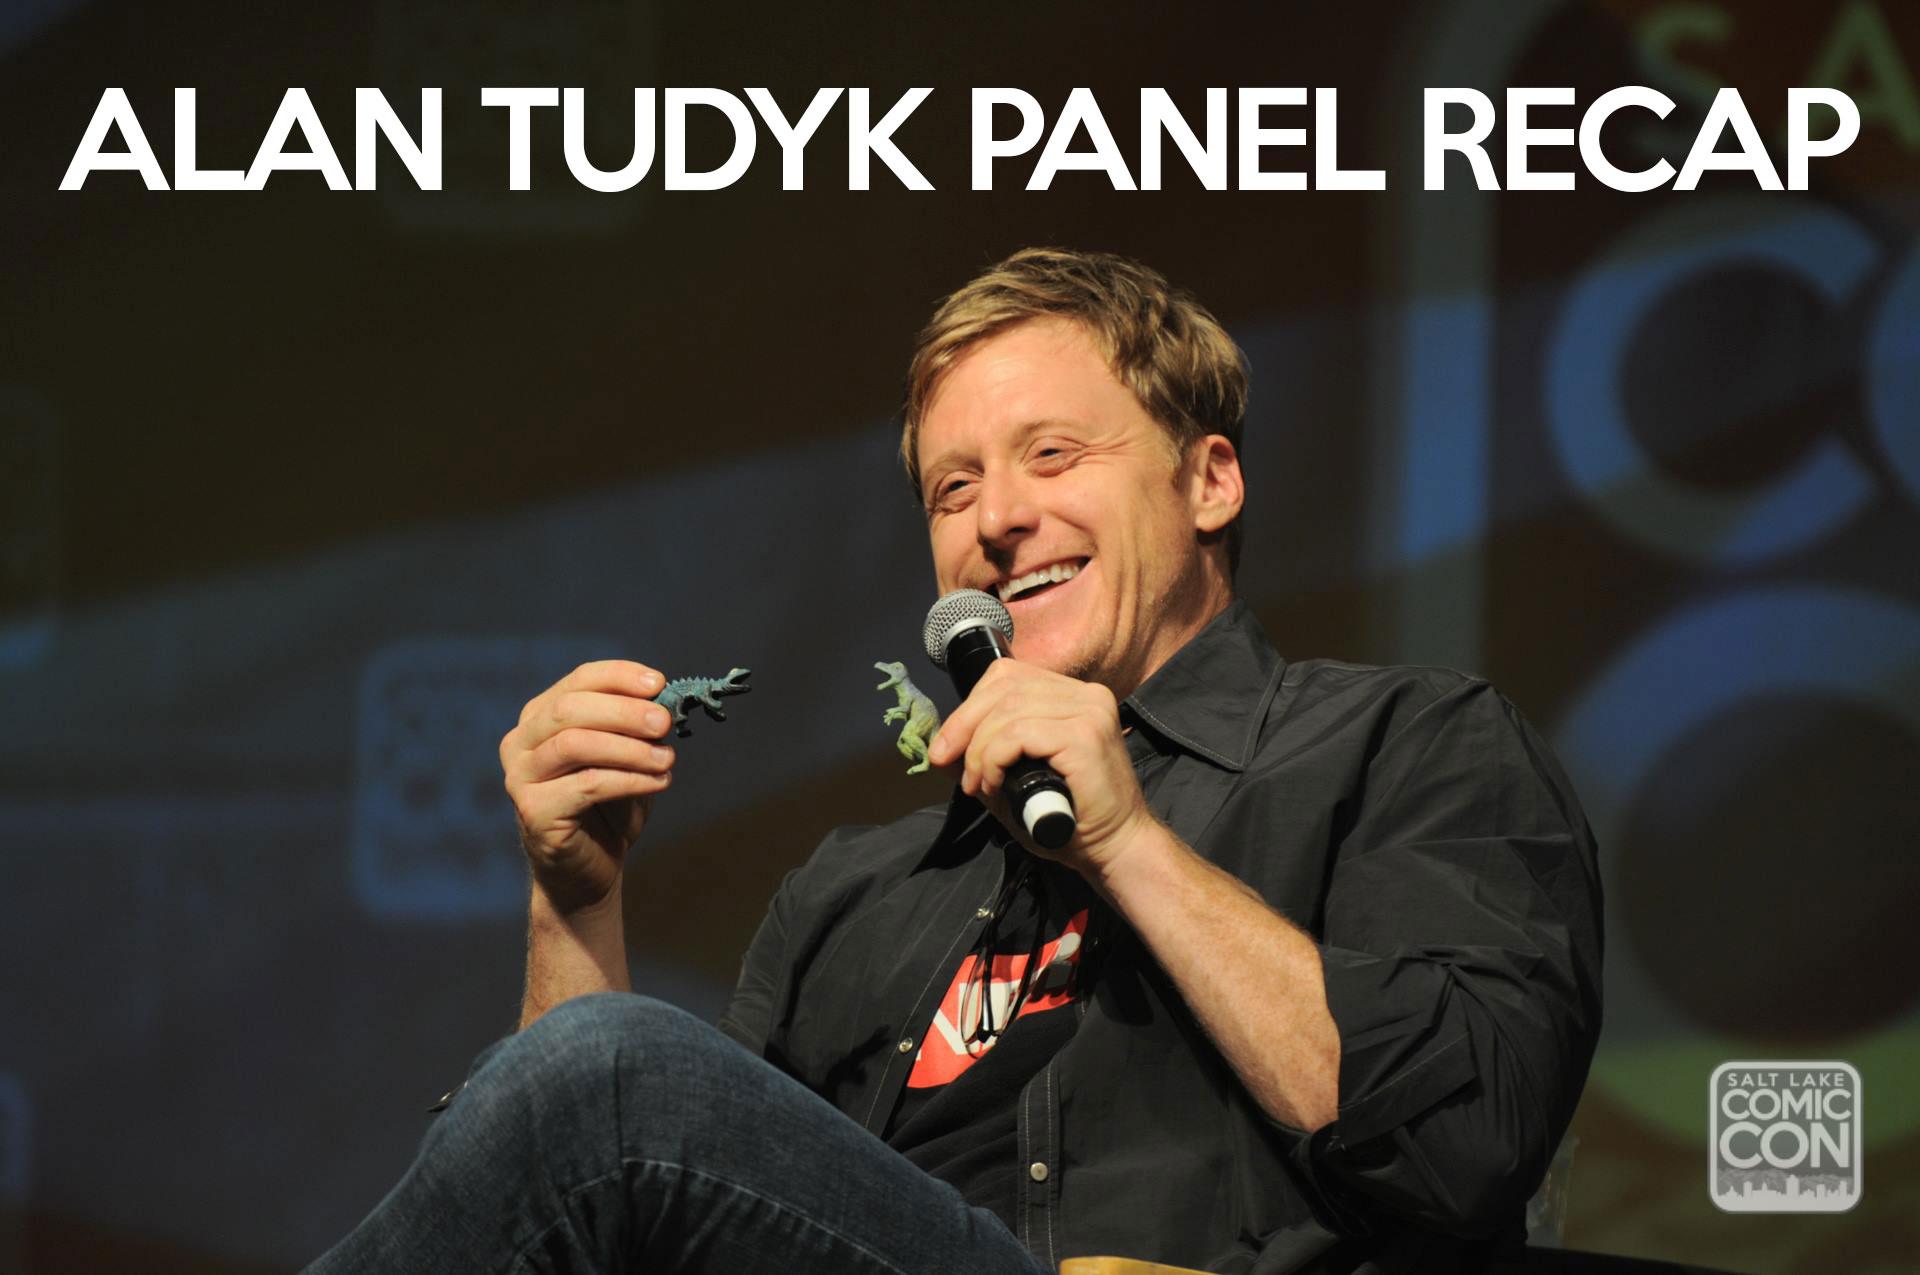 Salt Lake Comic Con: Alan Tudyk Panel Recap